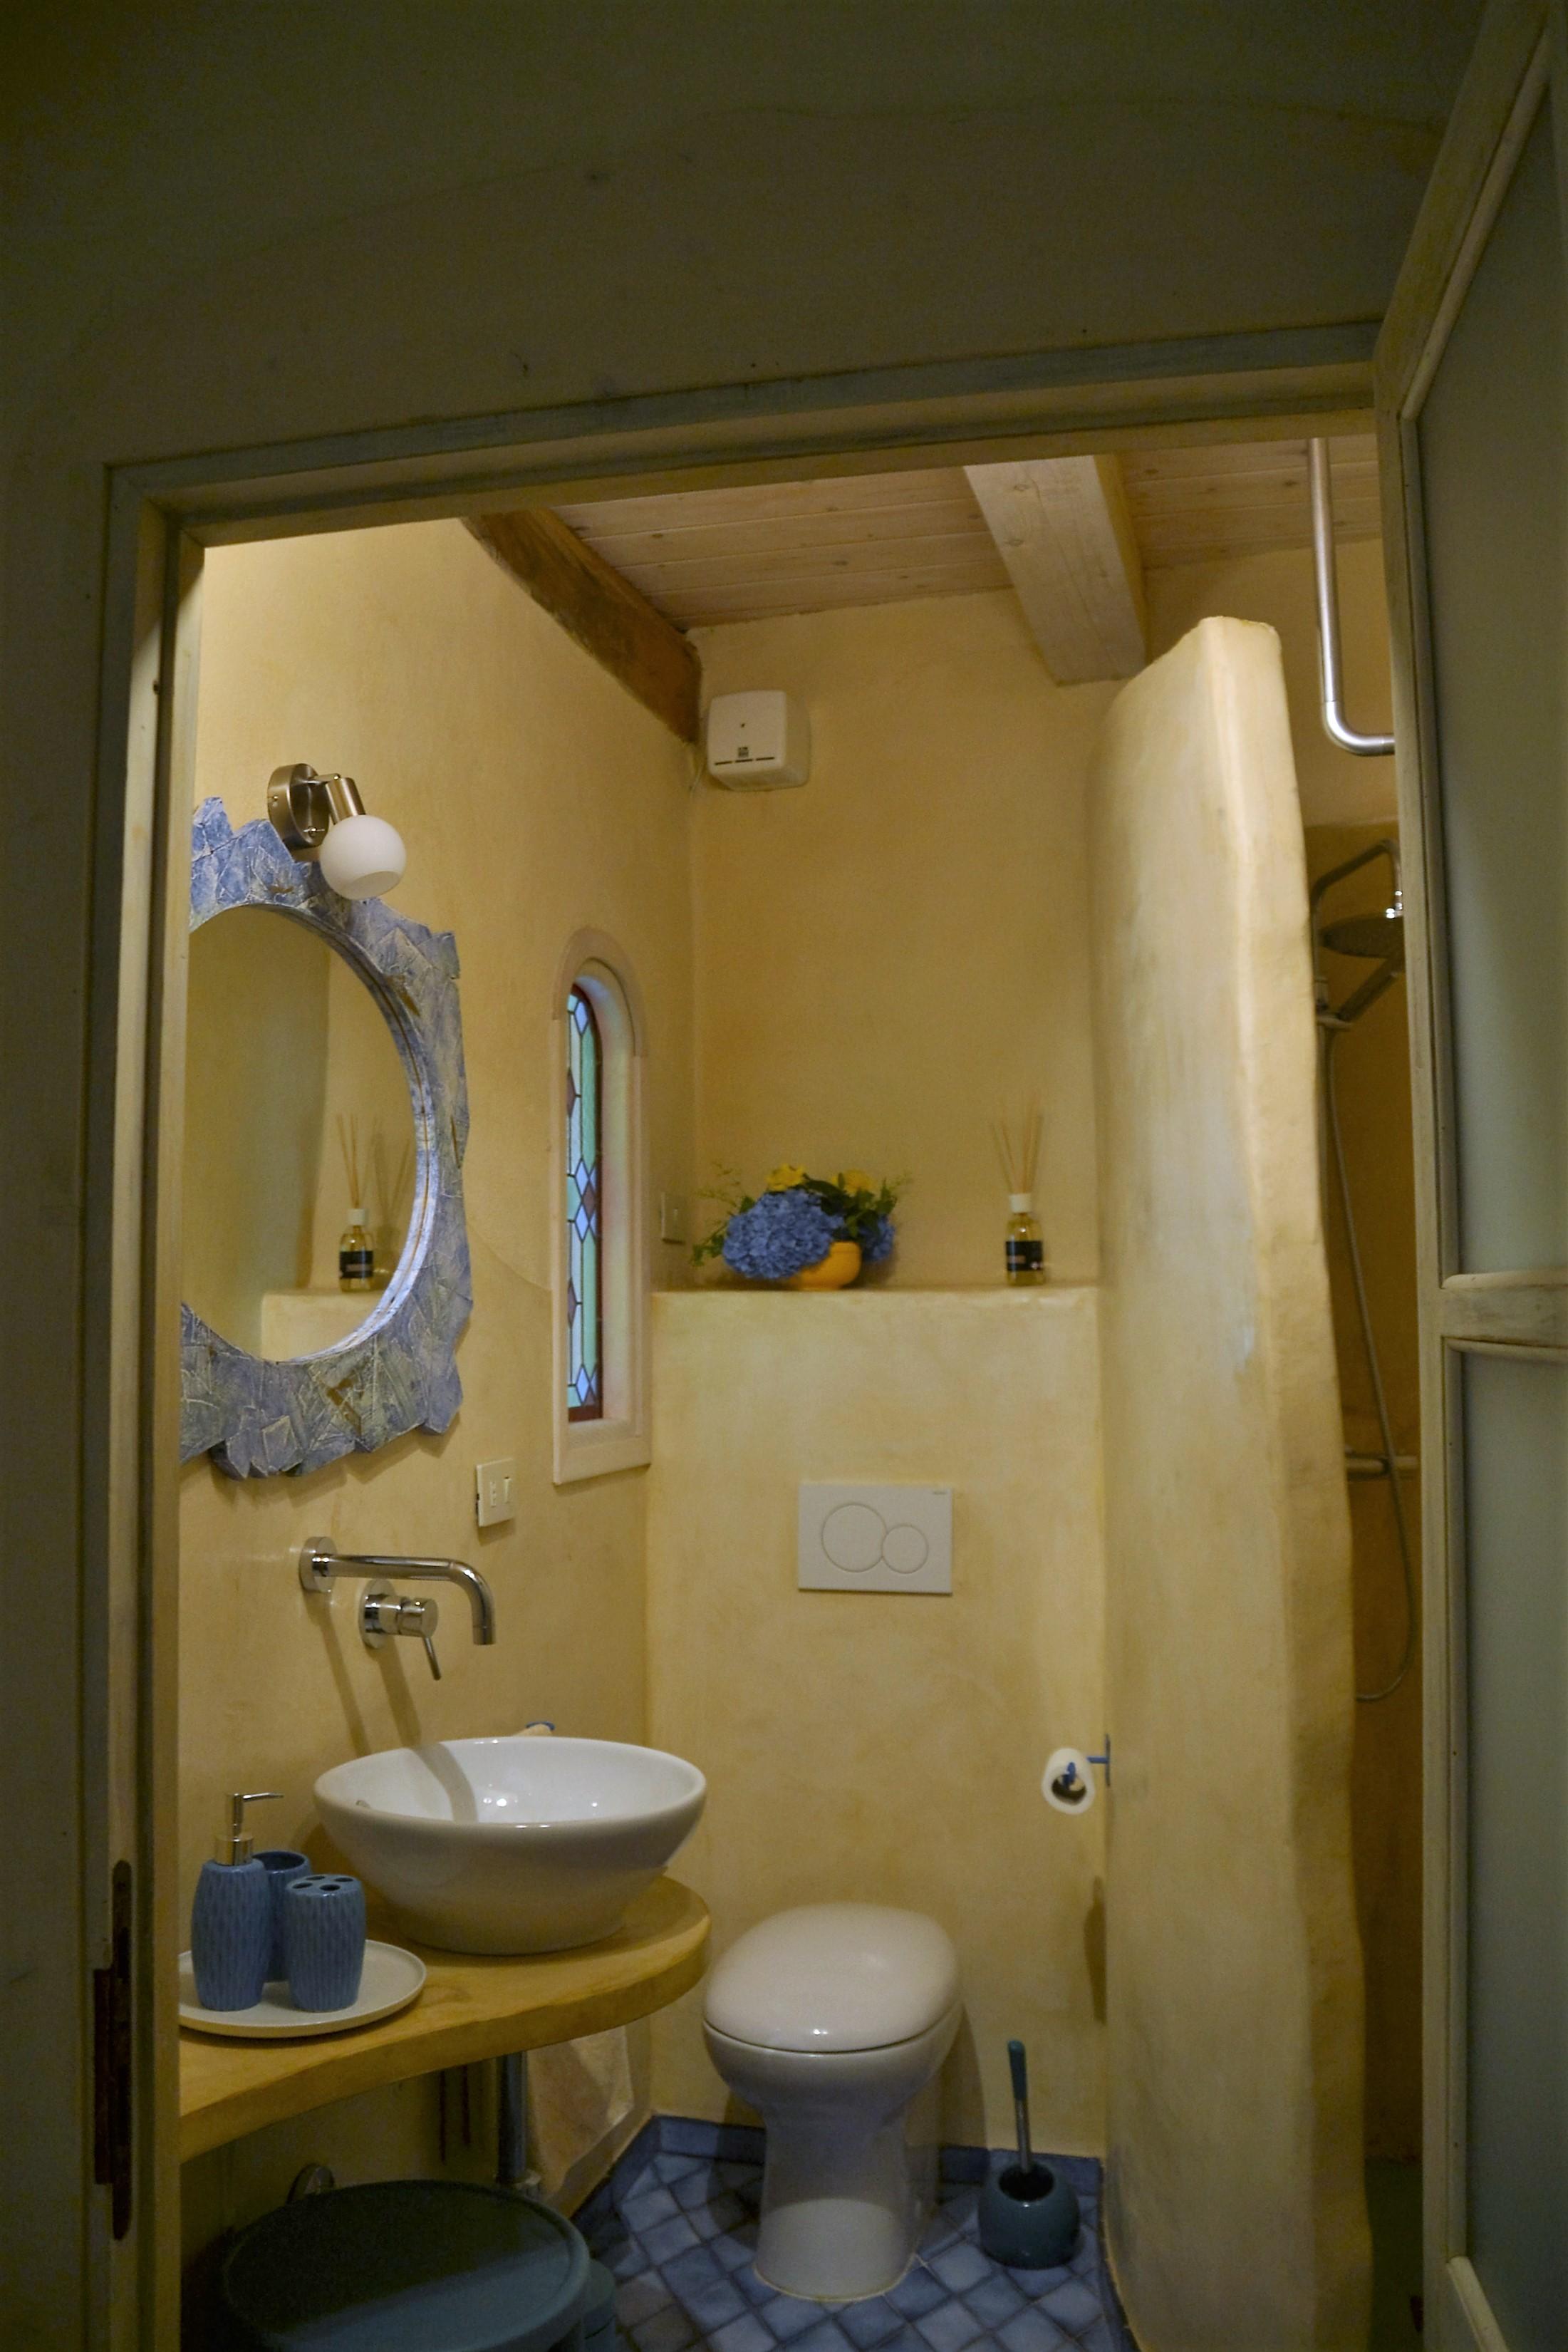 bagno stanza della terra